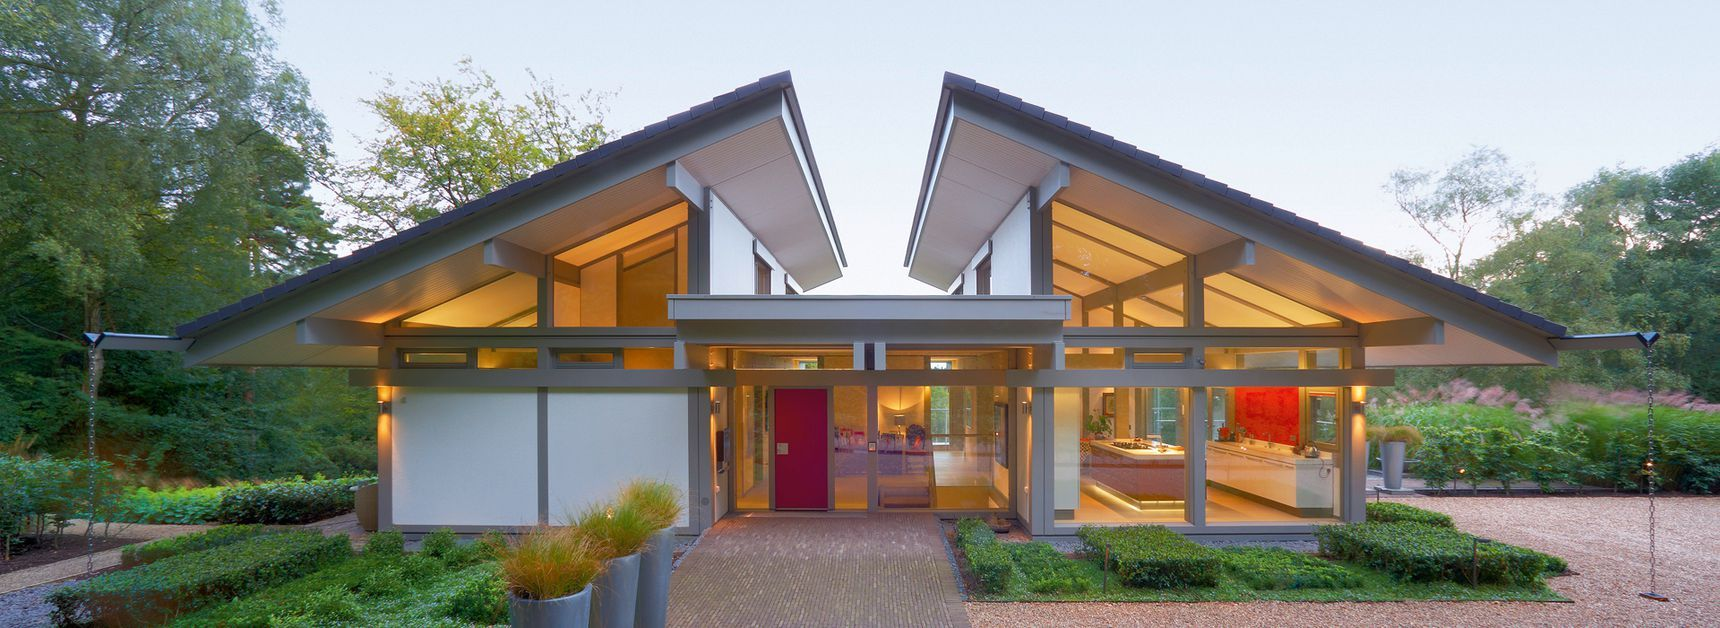 HUFHaus ART69 Haus architektur, Design für zuhause